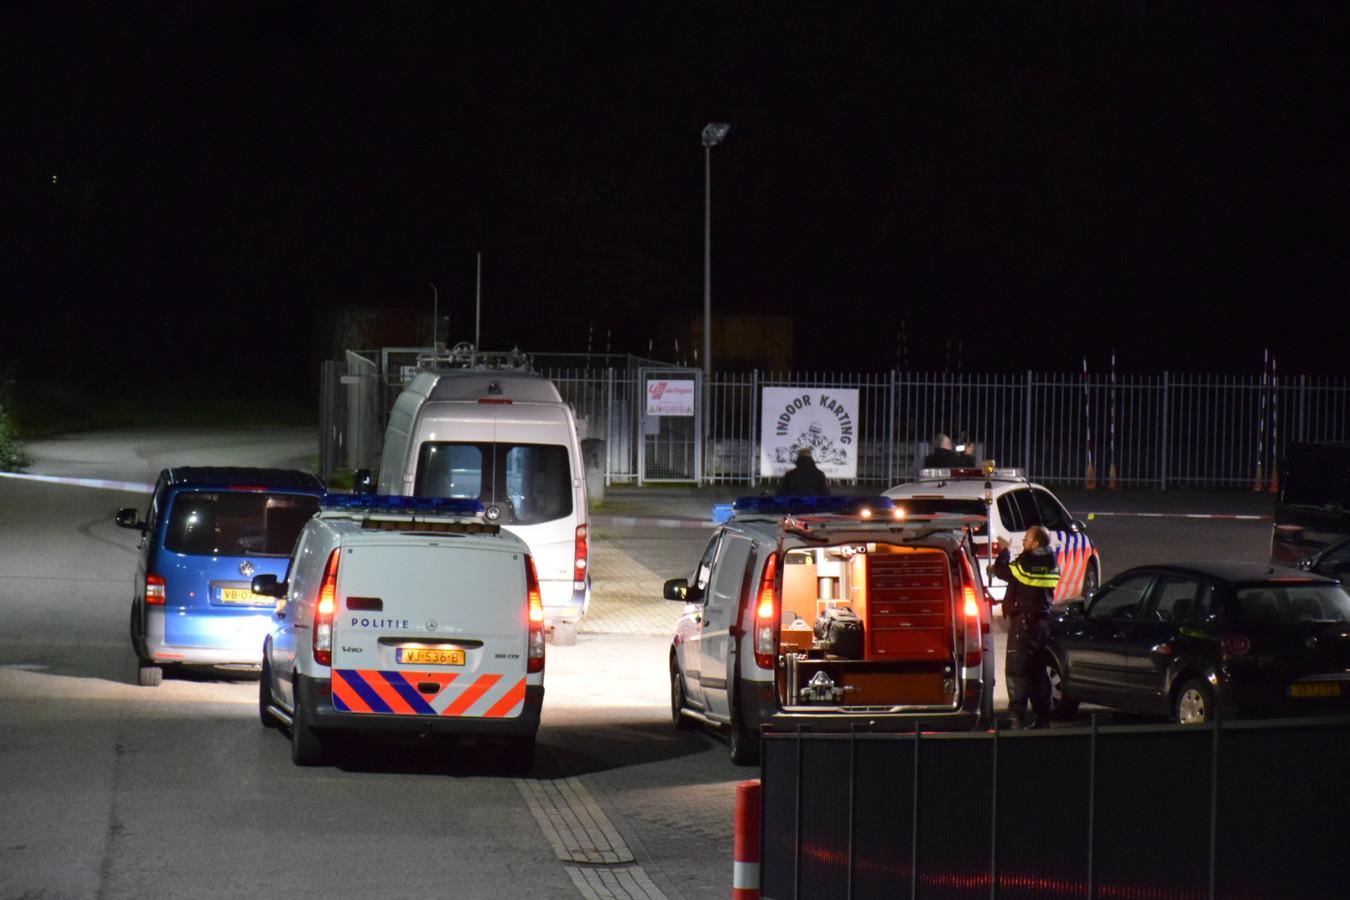 De politie doet onderzoek op het ANAC-terrein in Nijmegen waar zatermiddag bij een ruzie iemand in zijn been werd geschoten.